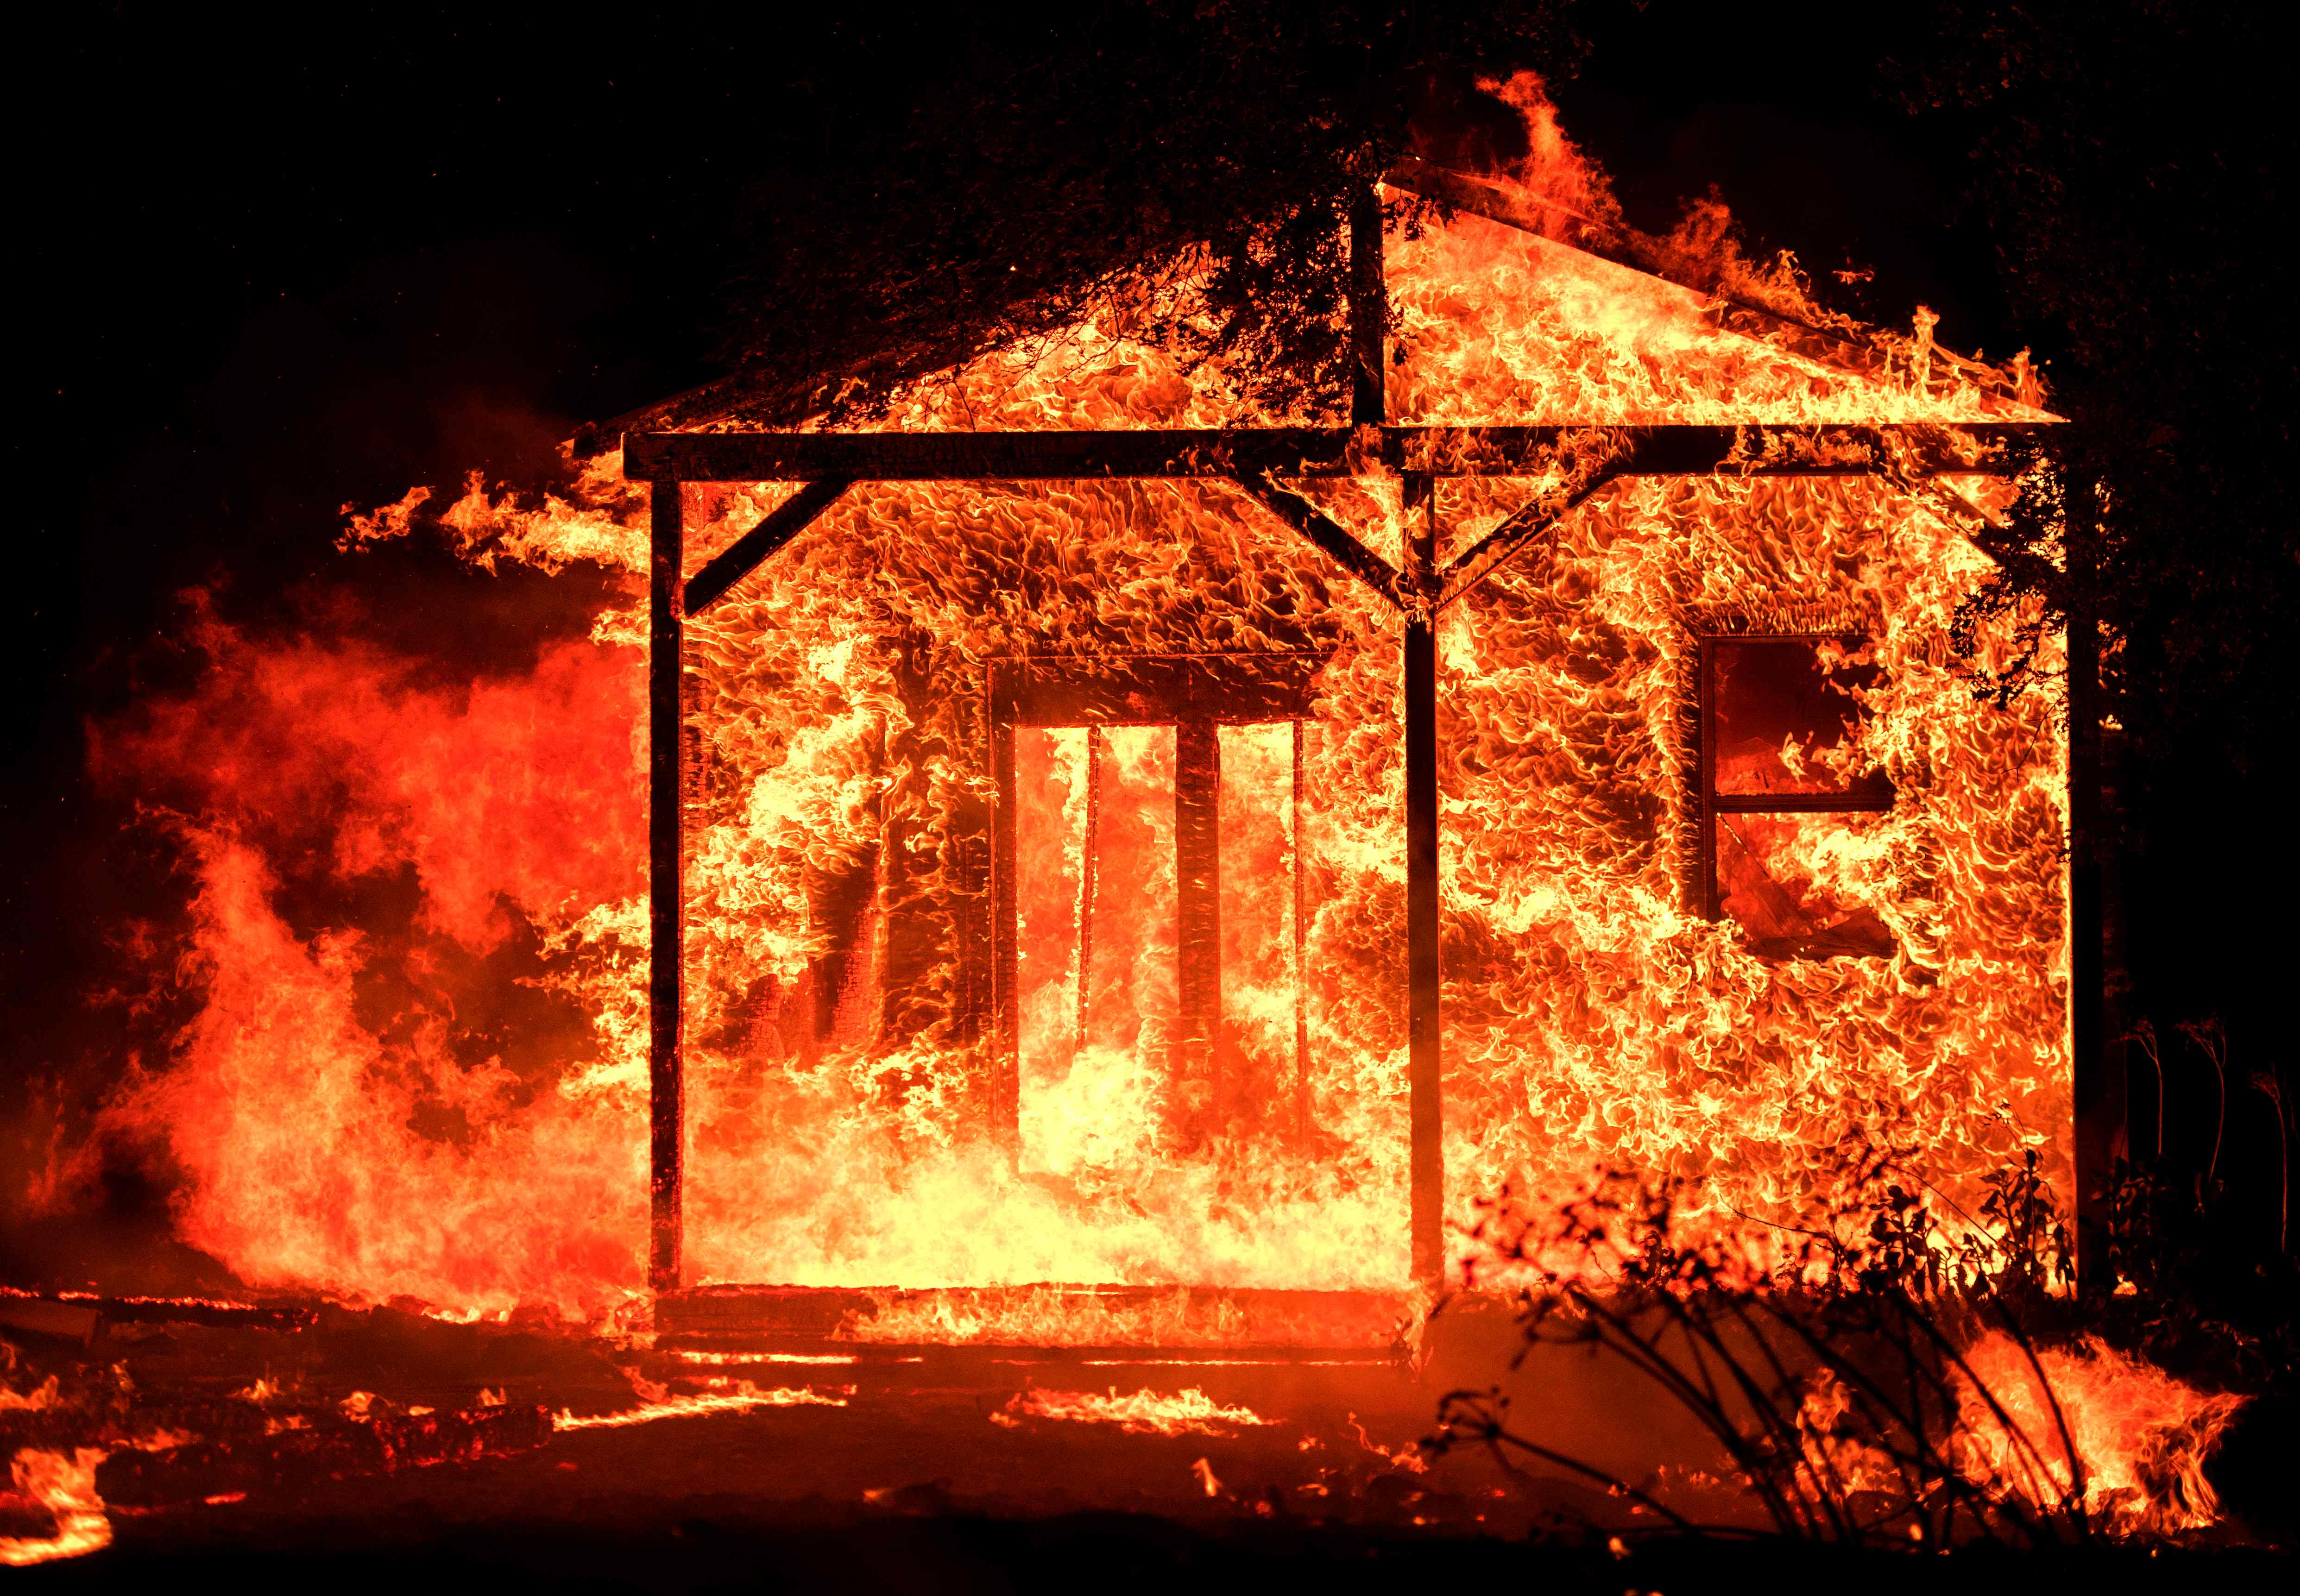 又有強風將臨,納帕酒鄉災難未了。(Getty Images)